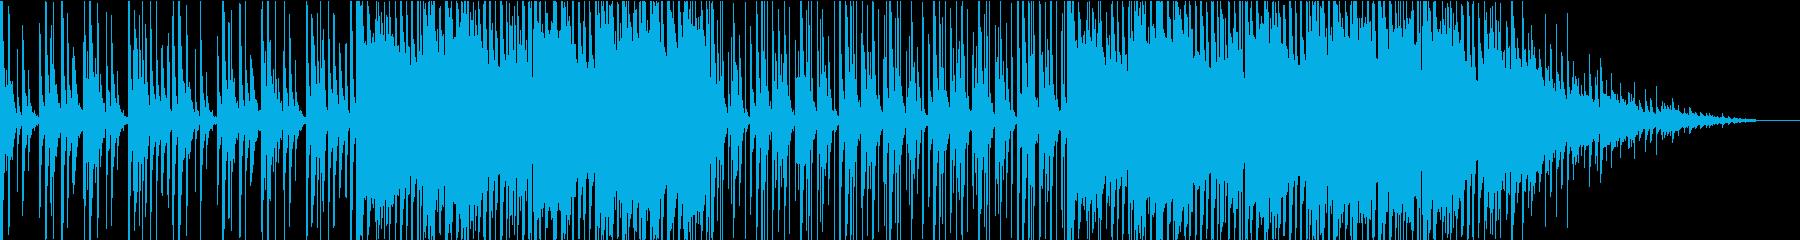 遺跡のような雰囲気の楽曲の再生済みの波形